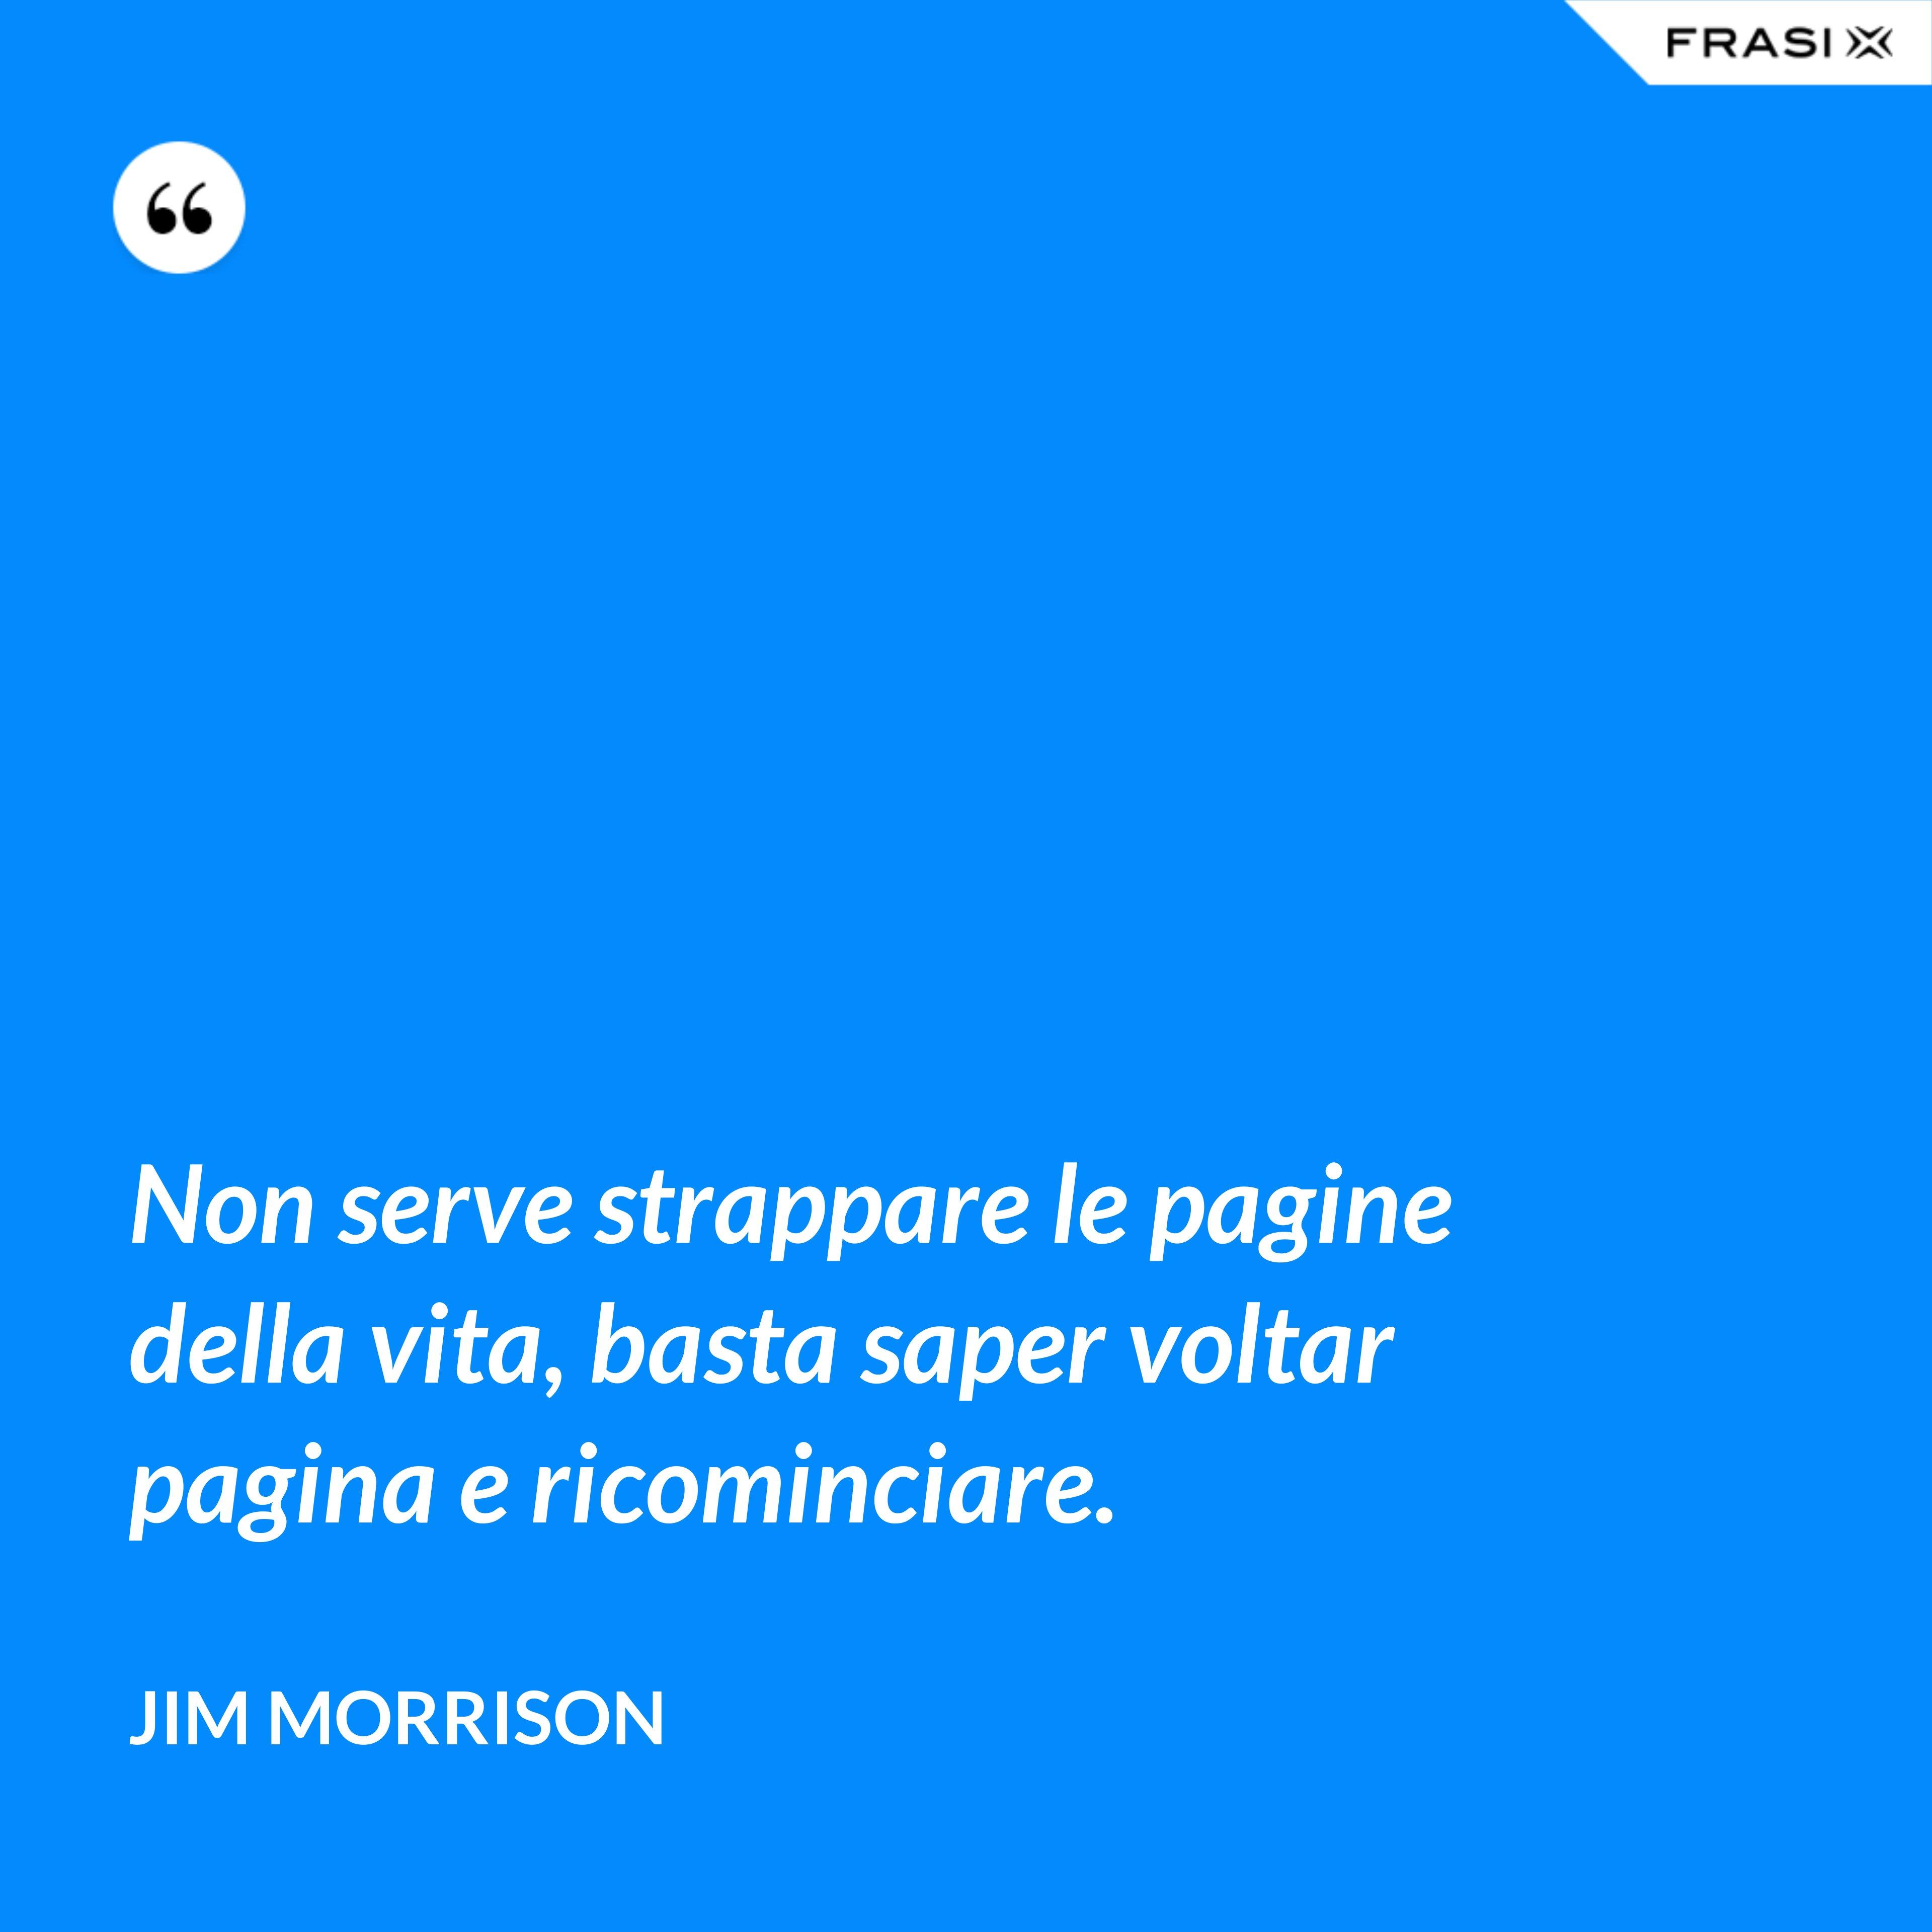 Non serve strappare le pagine della vita, basta saper voltar pagina e ricominciare. - Jim Morrison